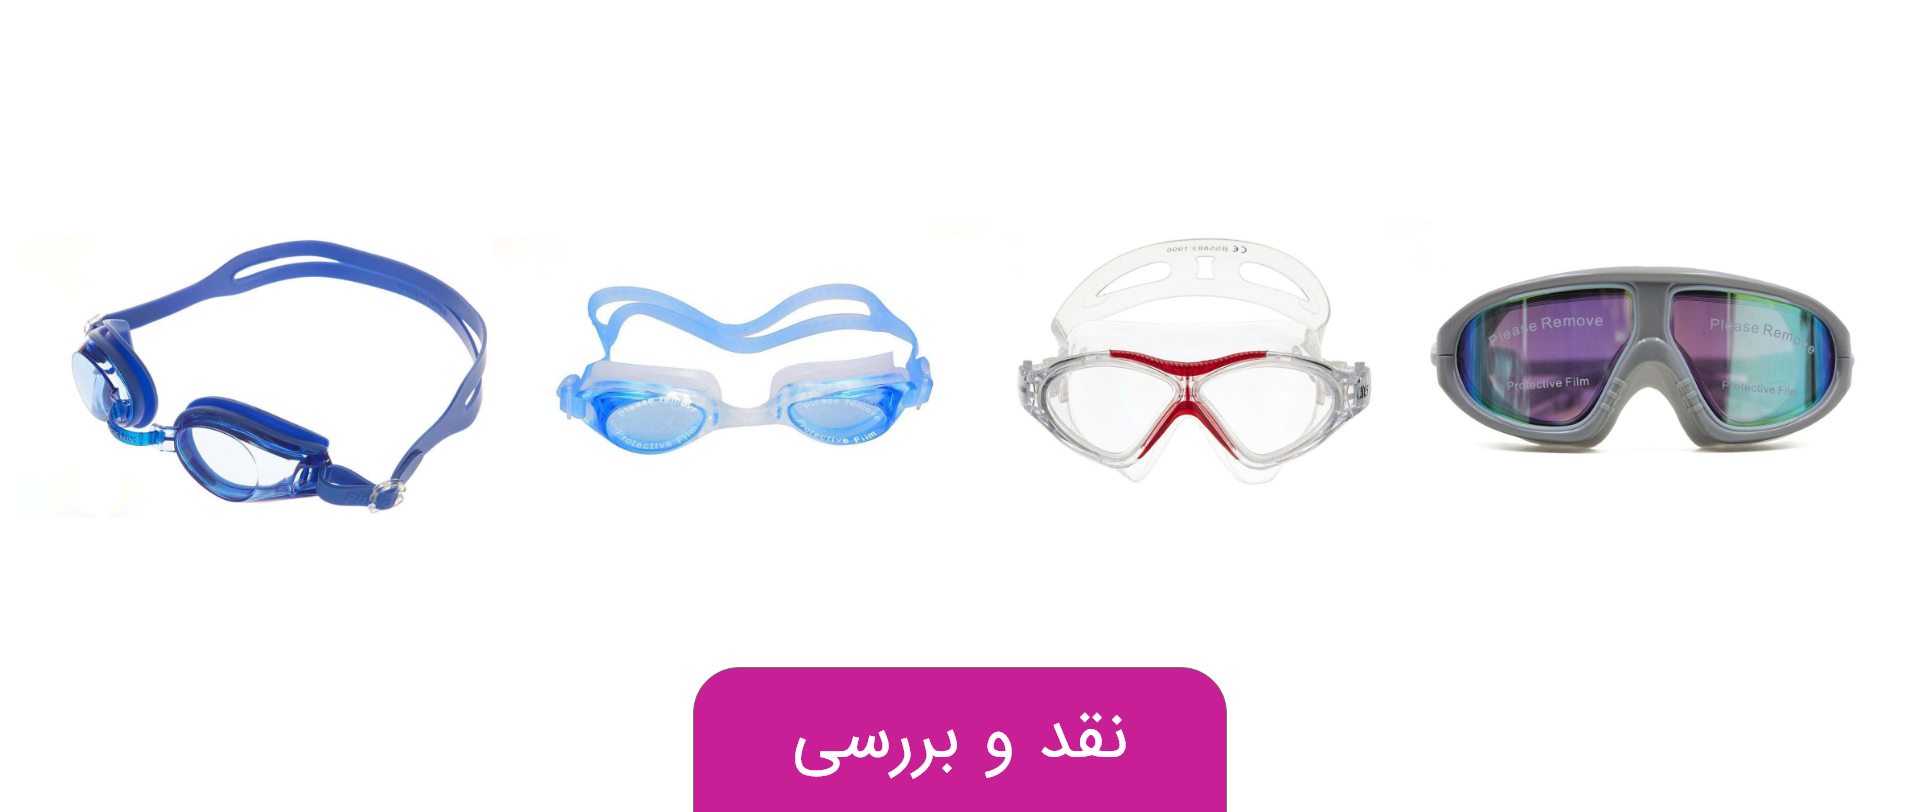 معرفی پر فروش ترین عینکهای شنا